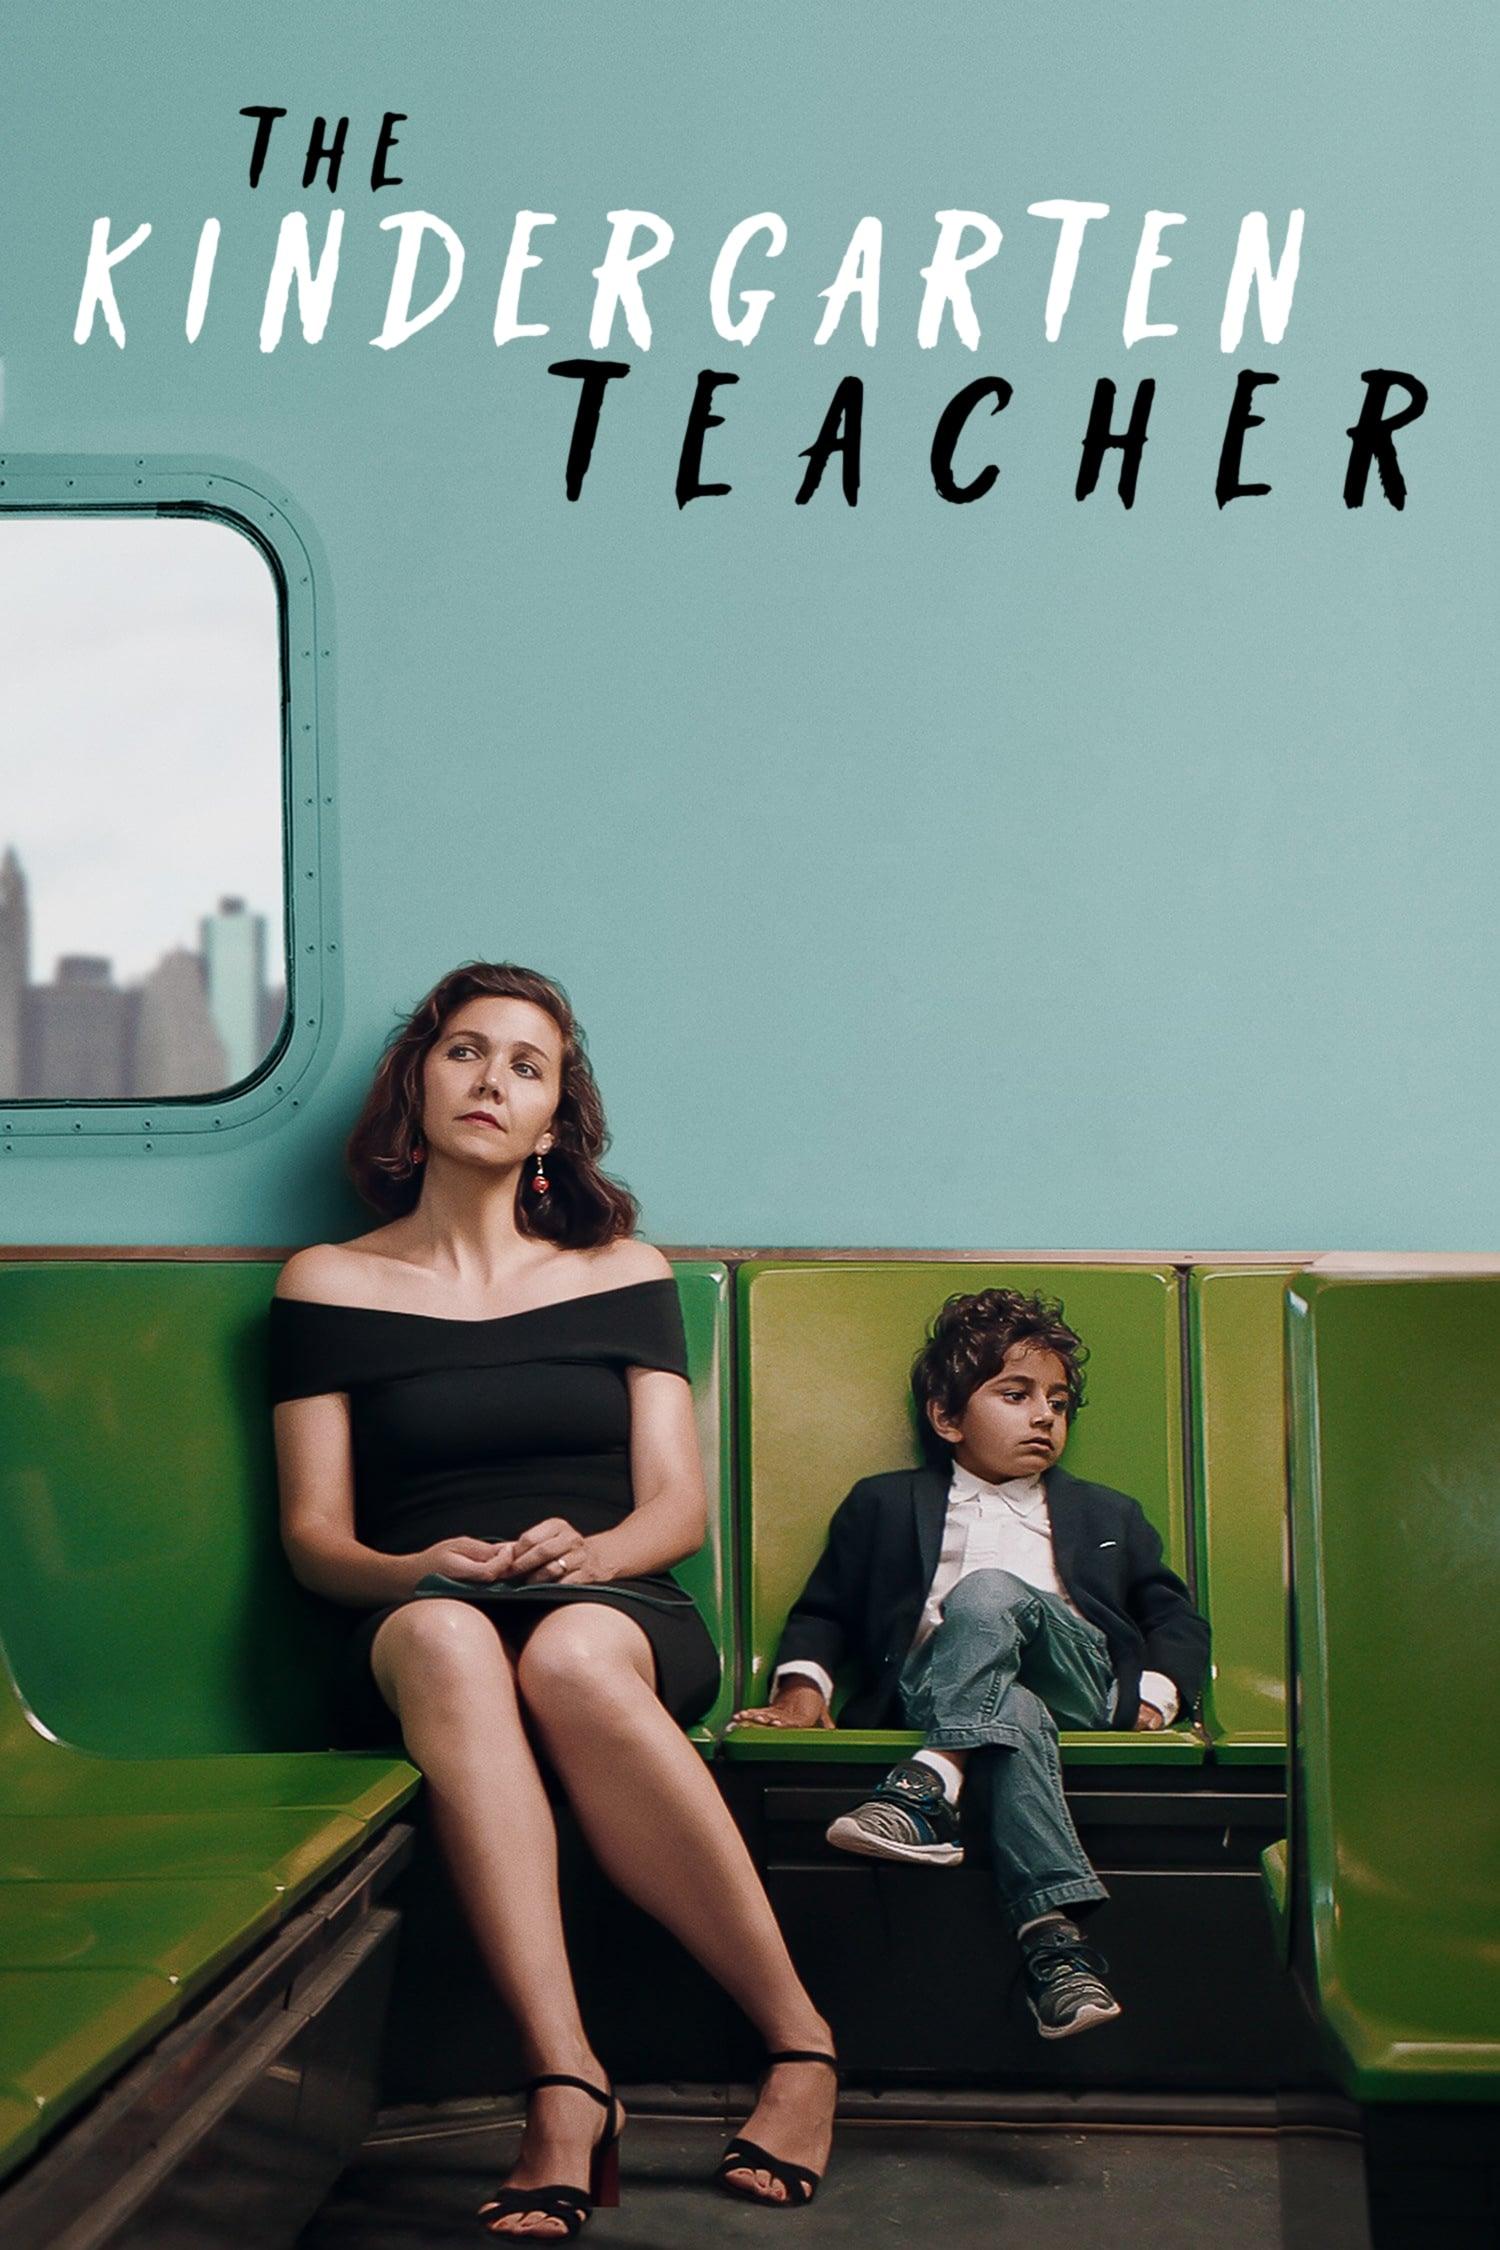 image for The Kindergarten Teacher